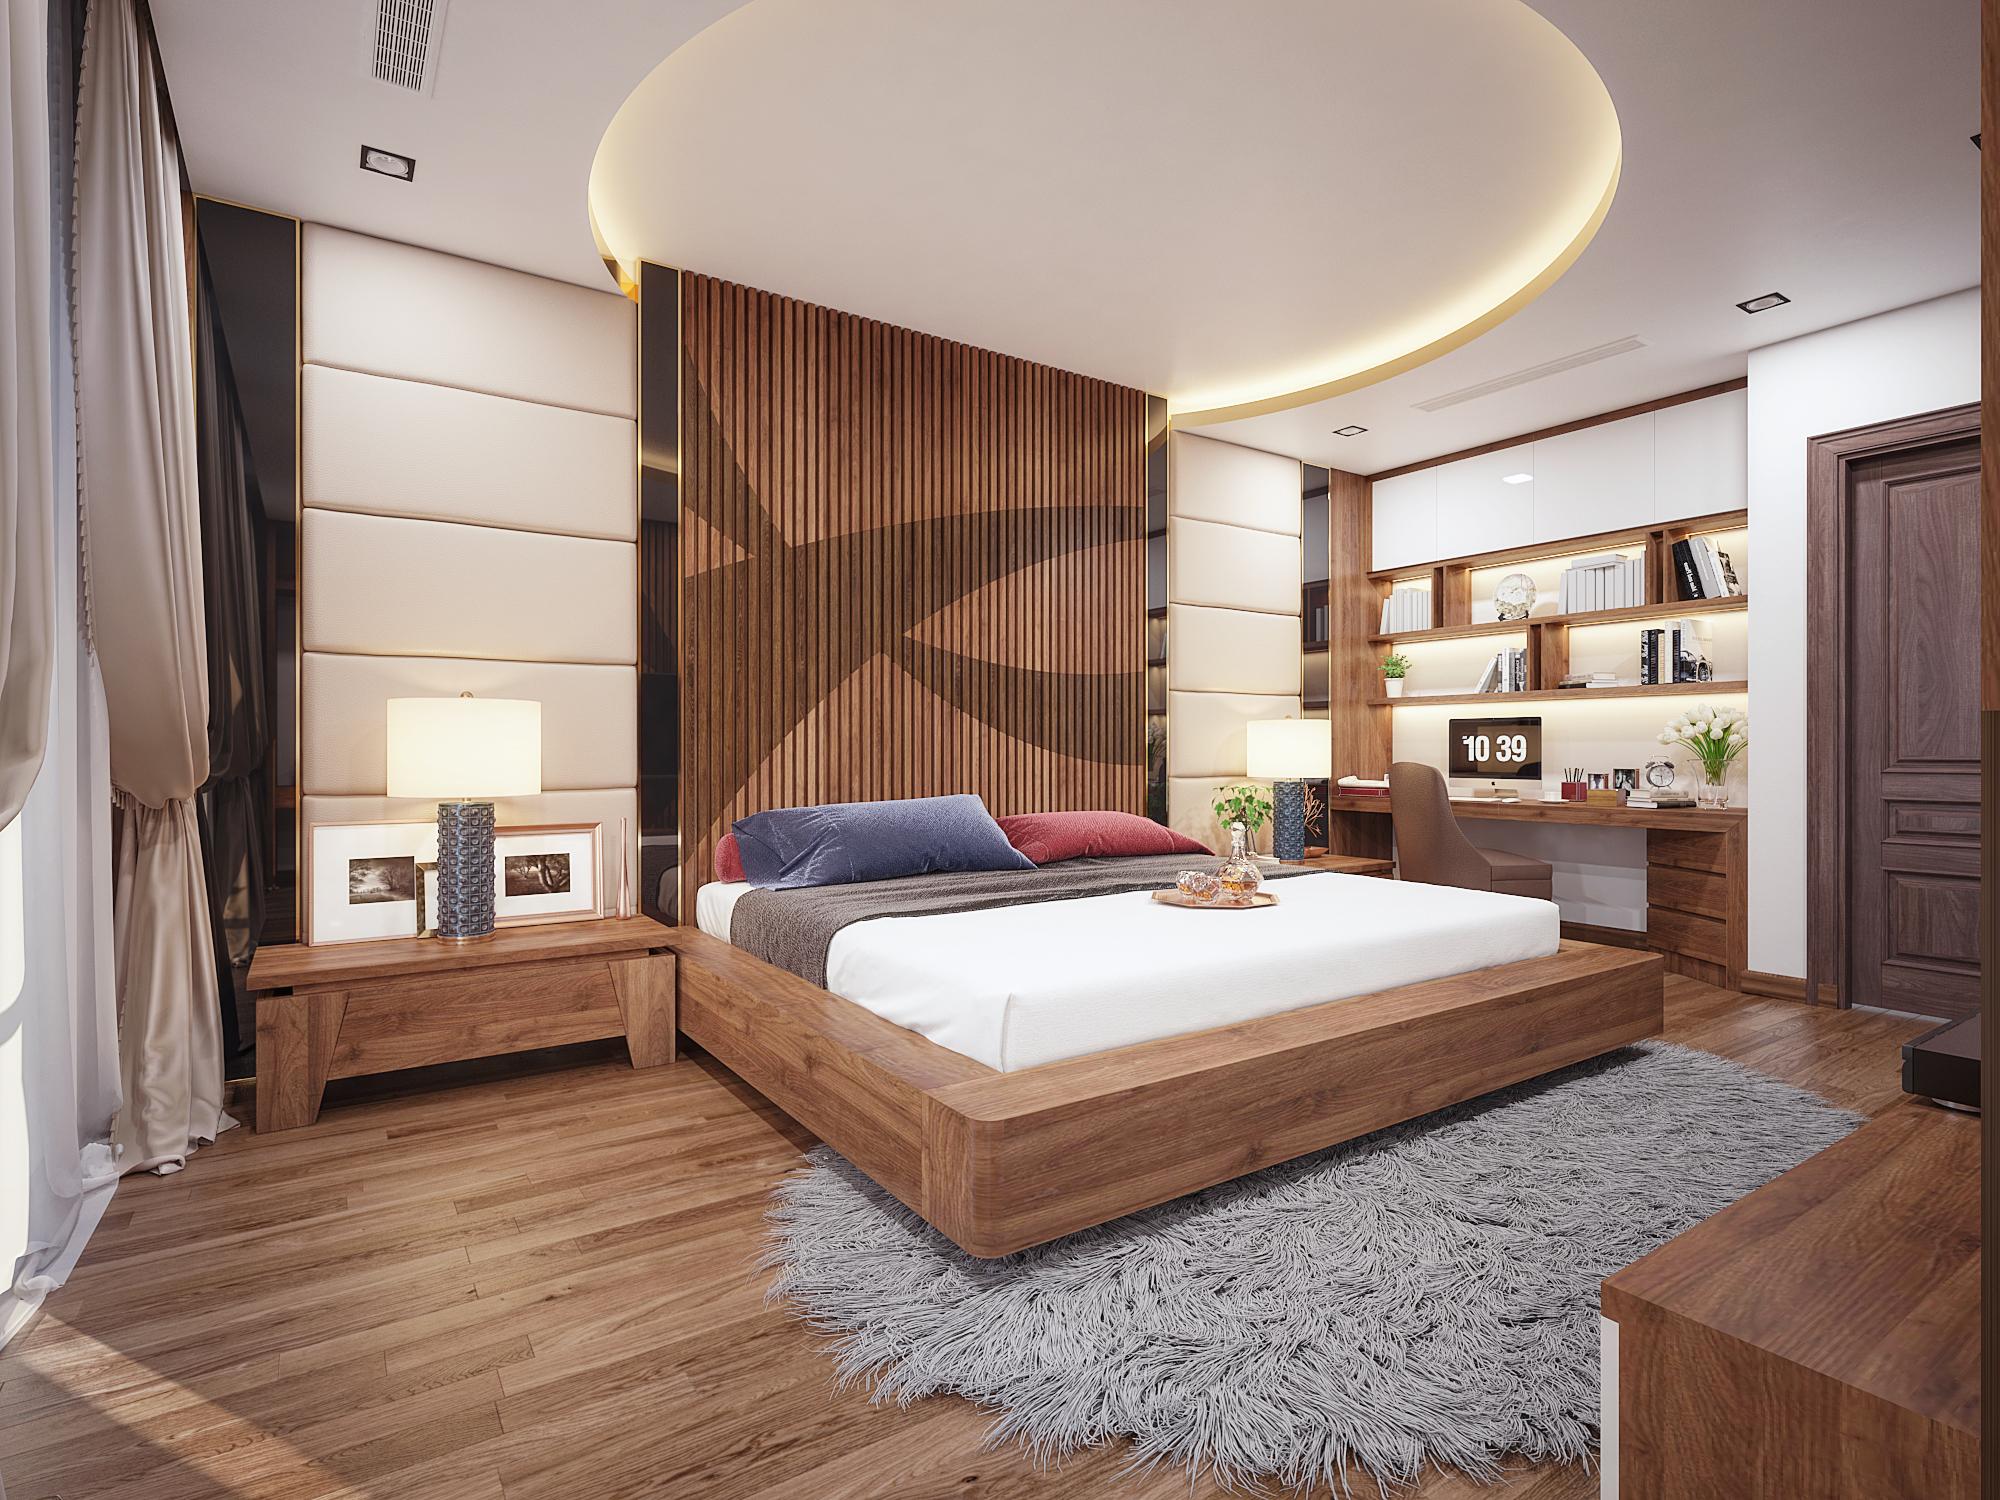 Thiết kế nội thất Biệt Thự tại Sơn La INTERIORO _02 1575334961 10